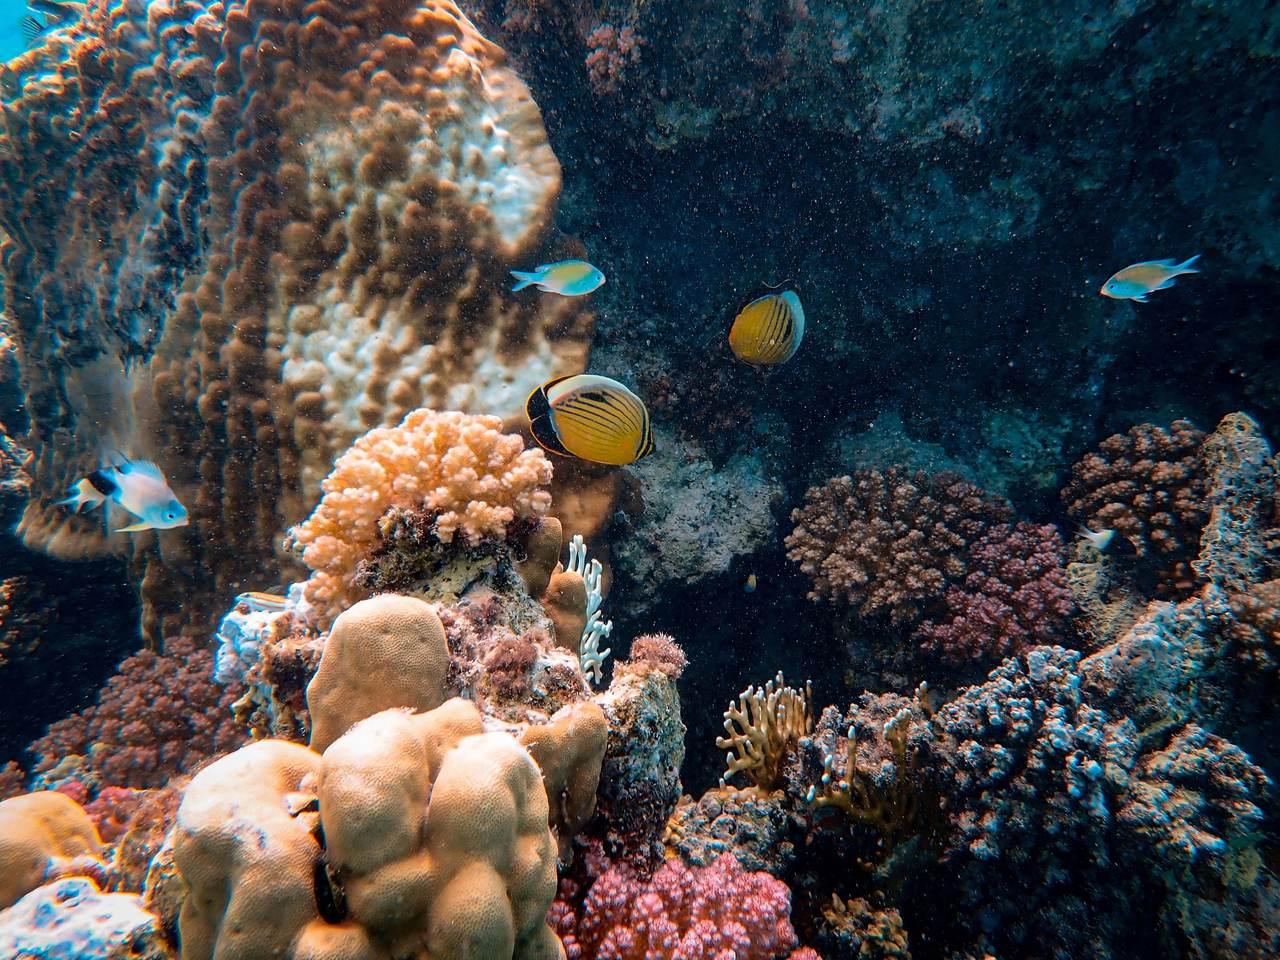 Projeto da Universidade Vila Velha avalia impacto humano no ambiente aquático e educa sobre preservação da água e da vida marinha.